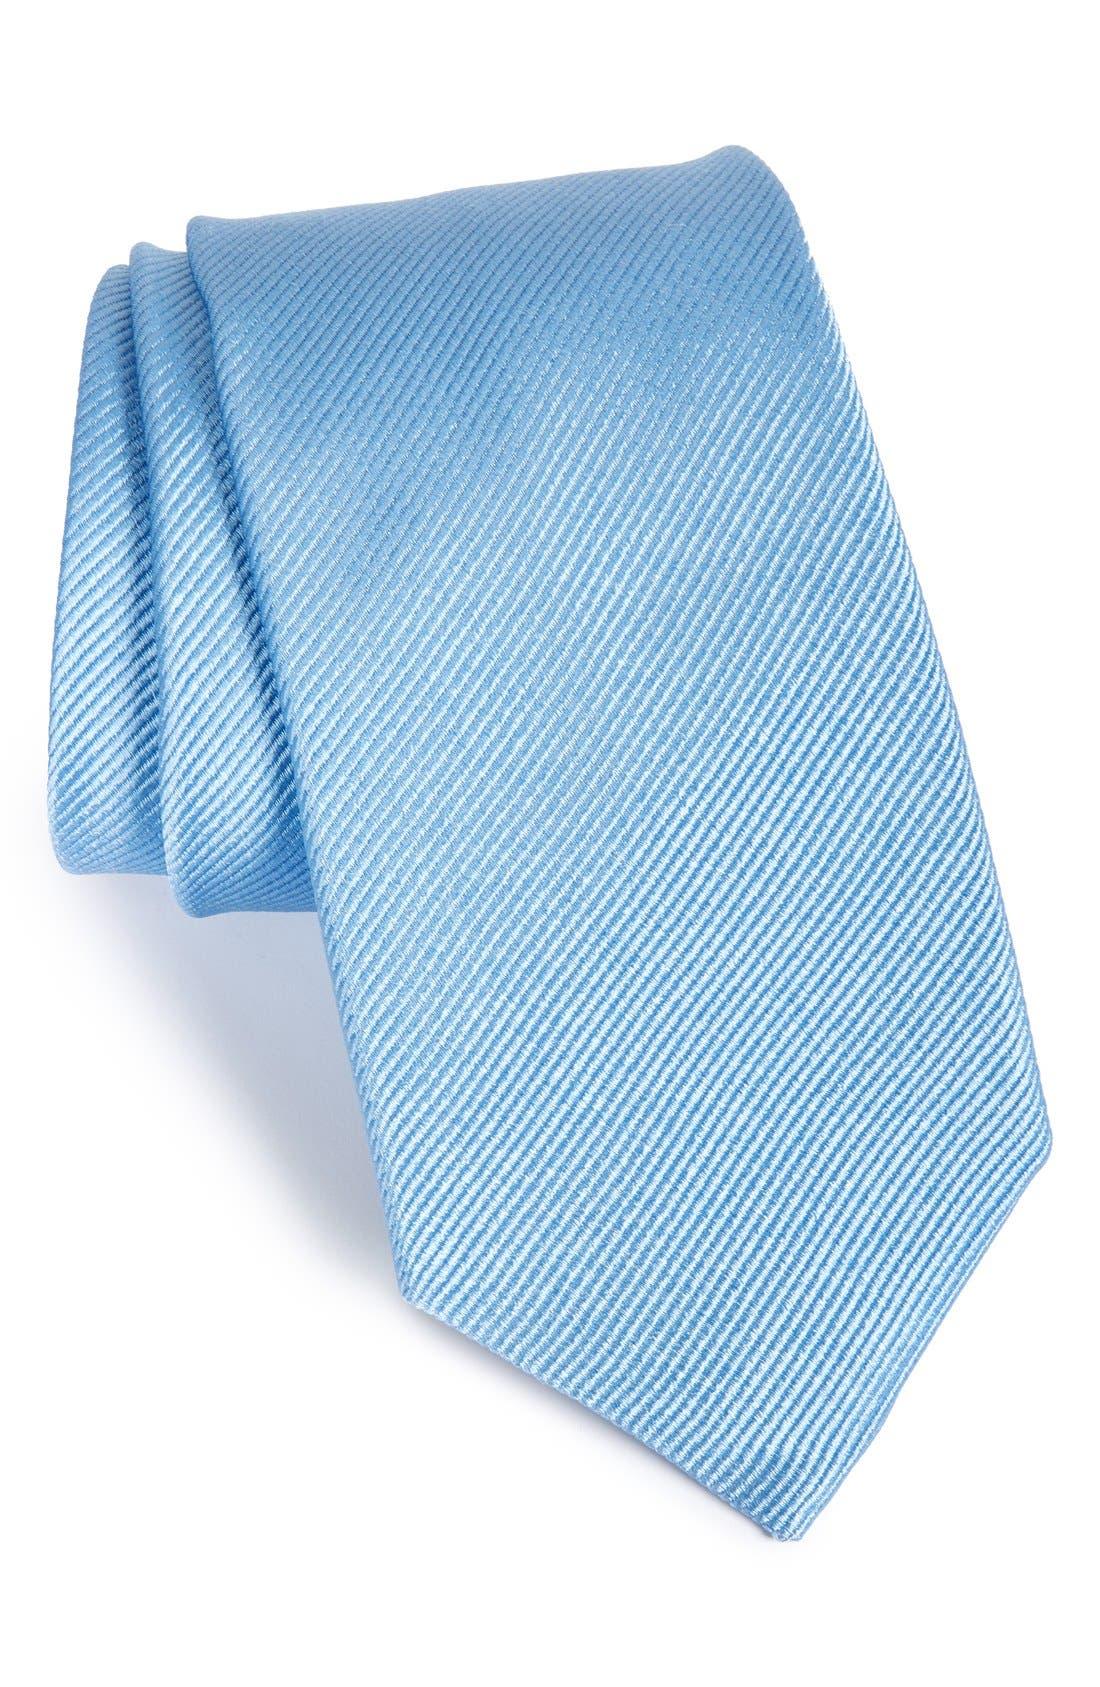 Alternate Image 1 Selected - Gitman Solid Silk Tie